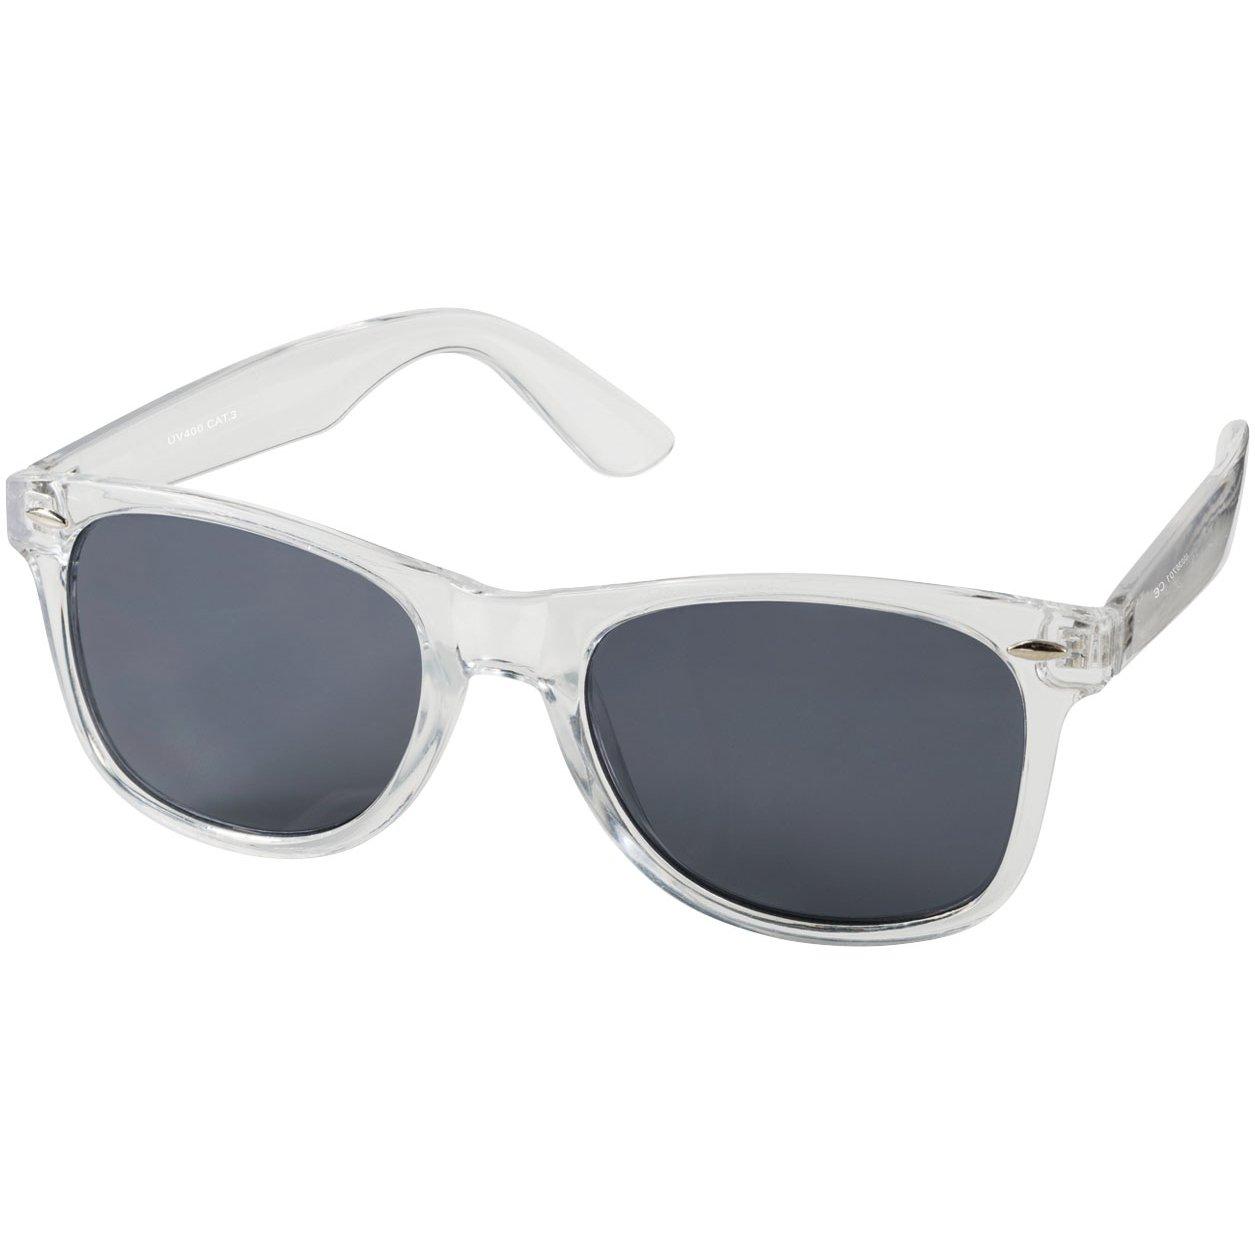 Bullet Sun Ray crystal sunglasses